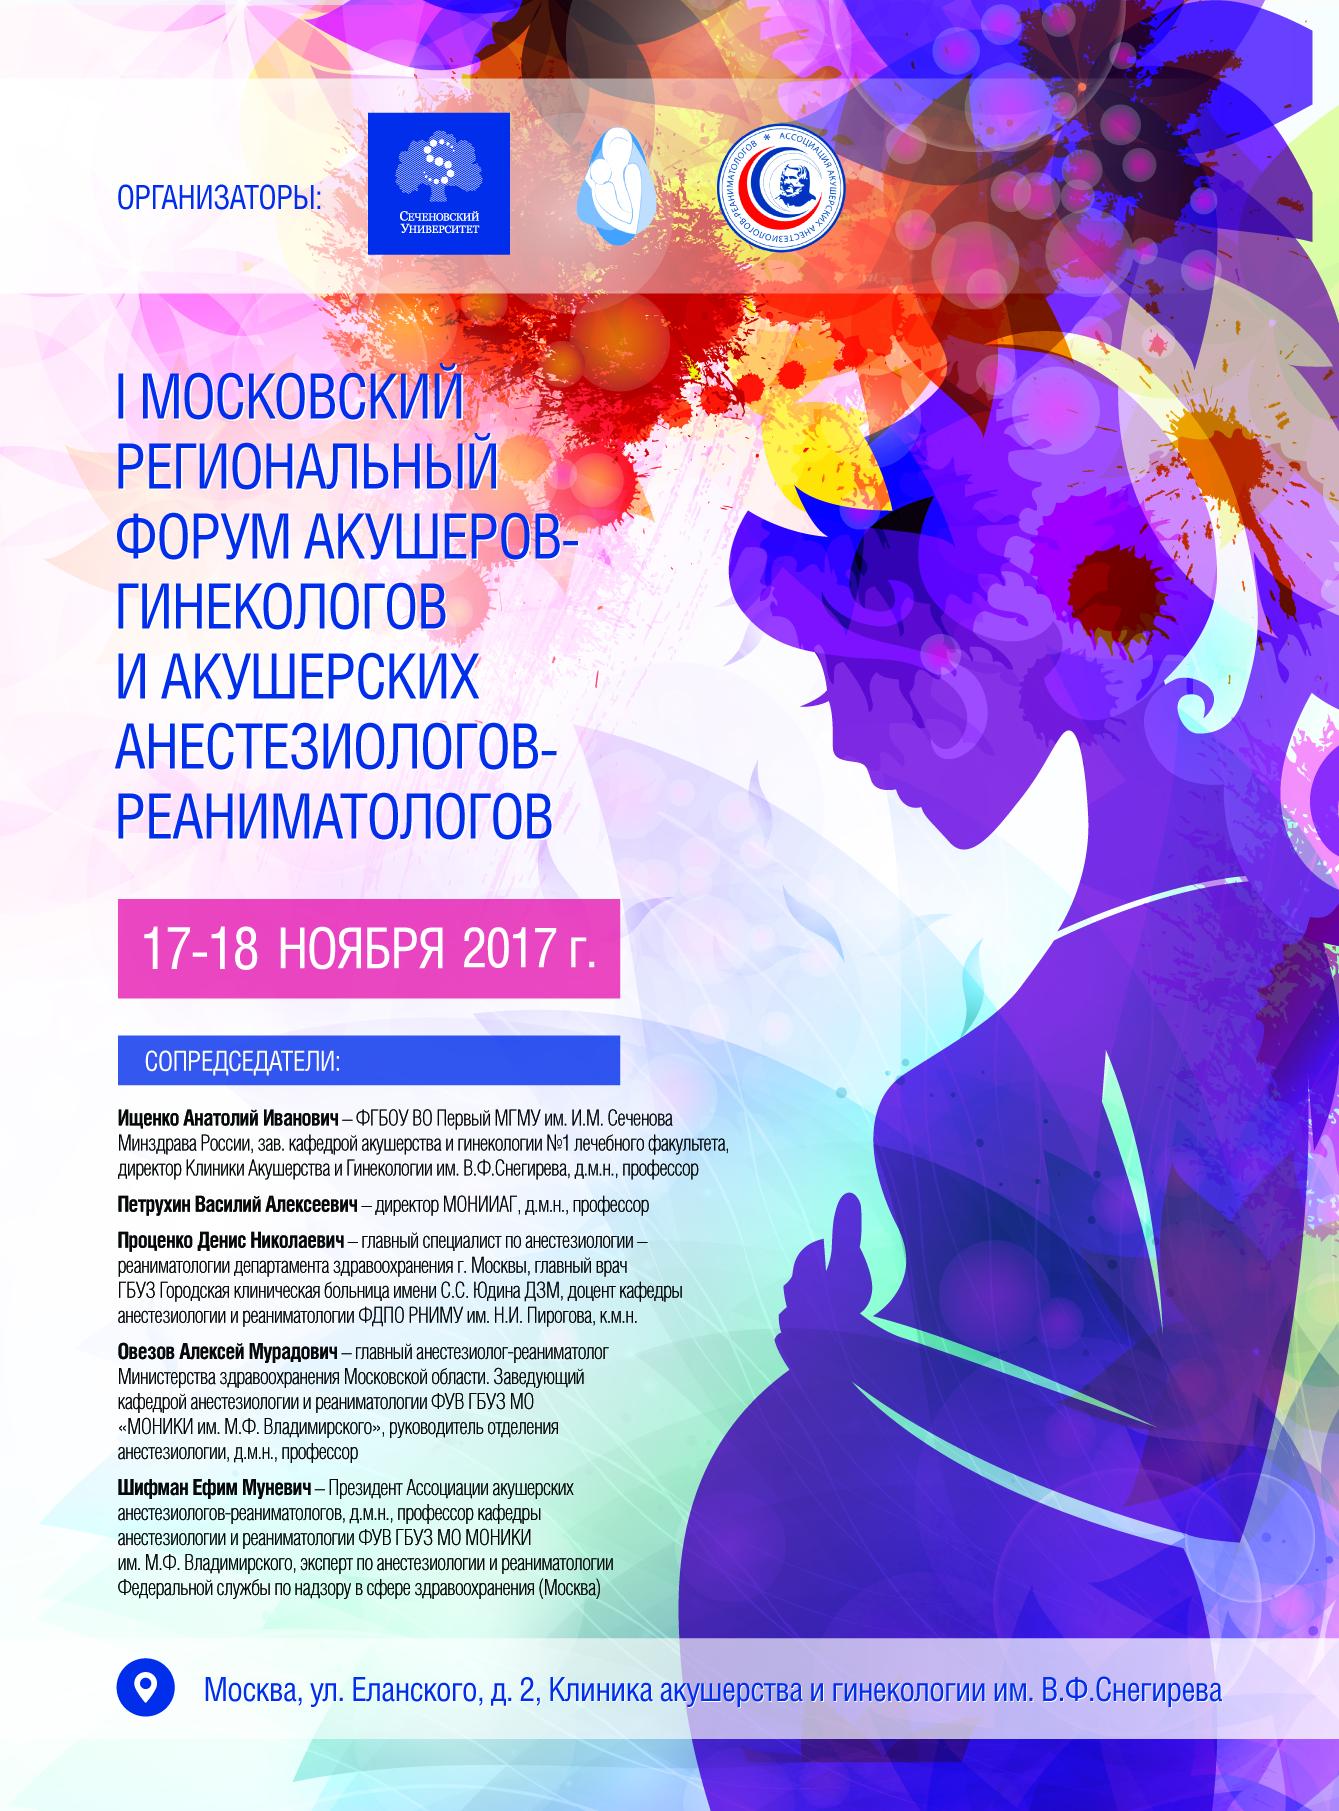 Akusherstvo_11-2017_Advert2-01